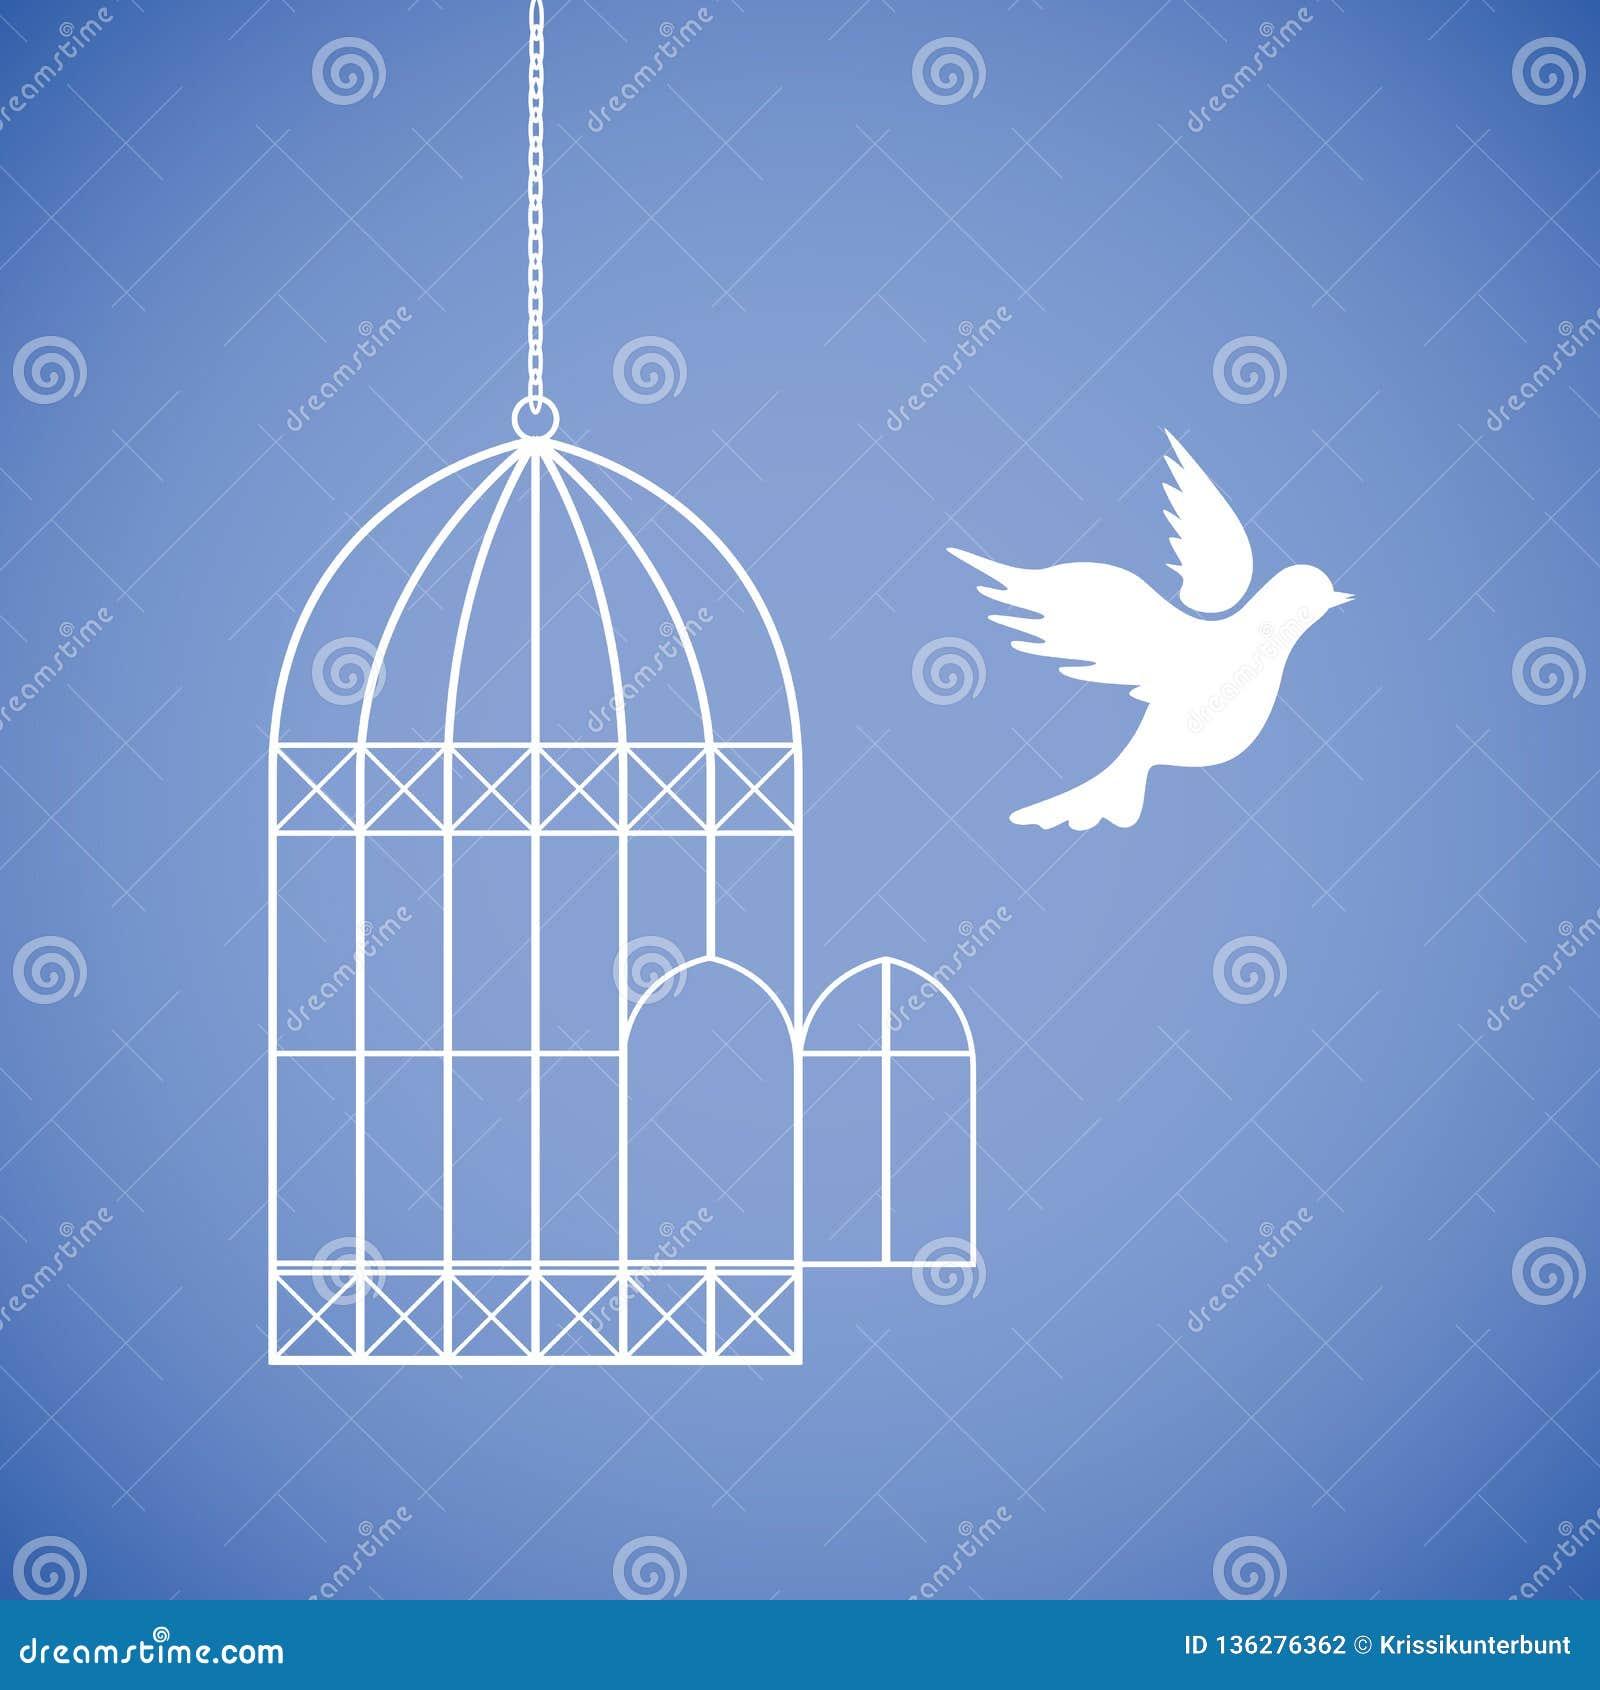 Weiße Taube fliegt aus dem Käfig heraus